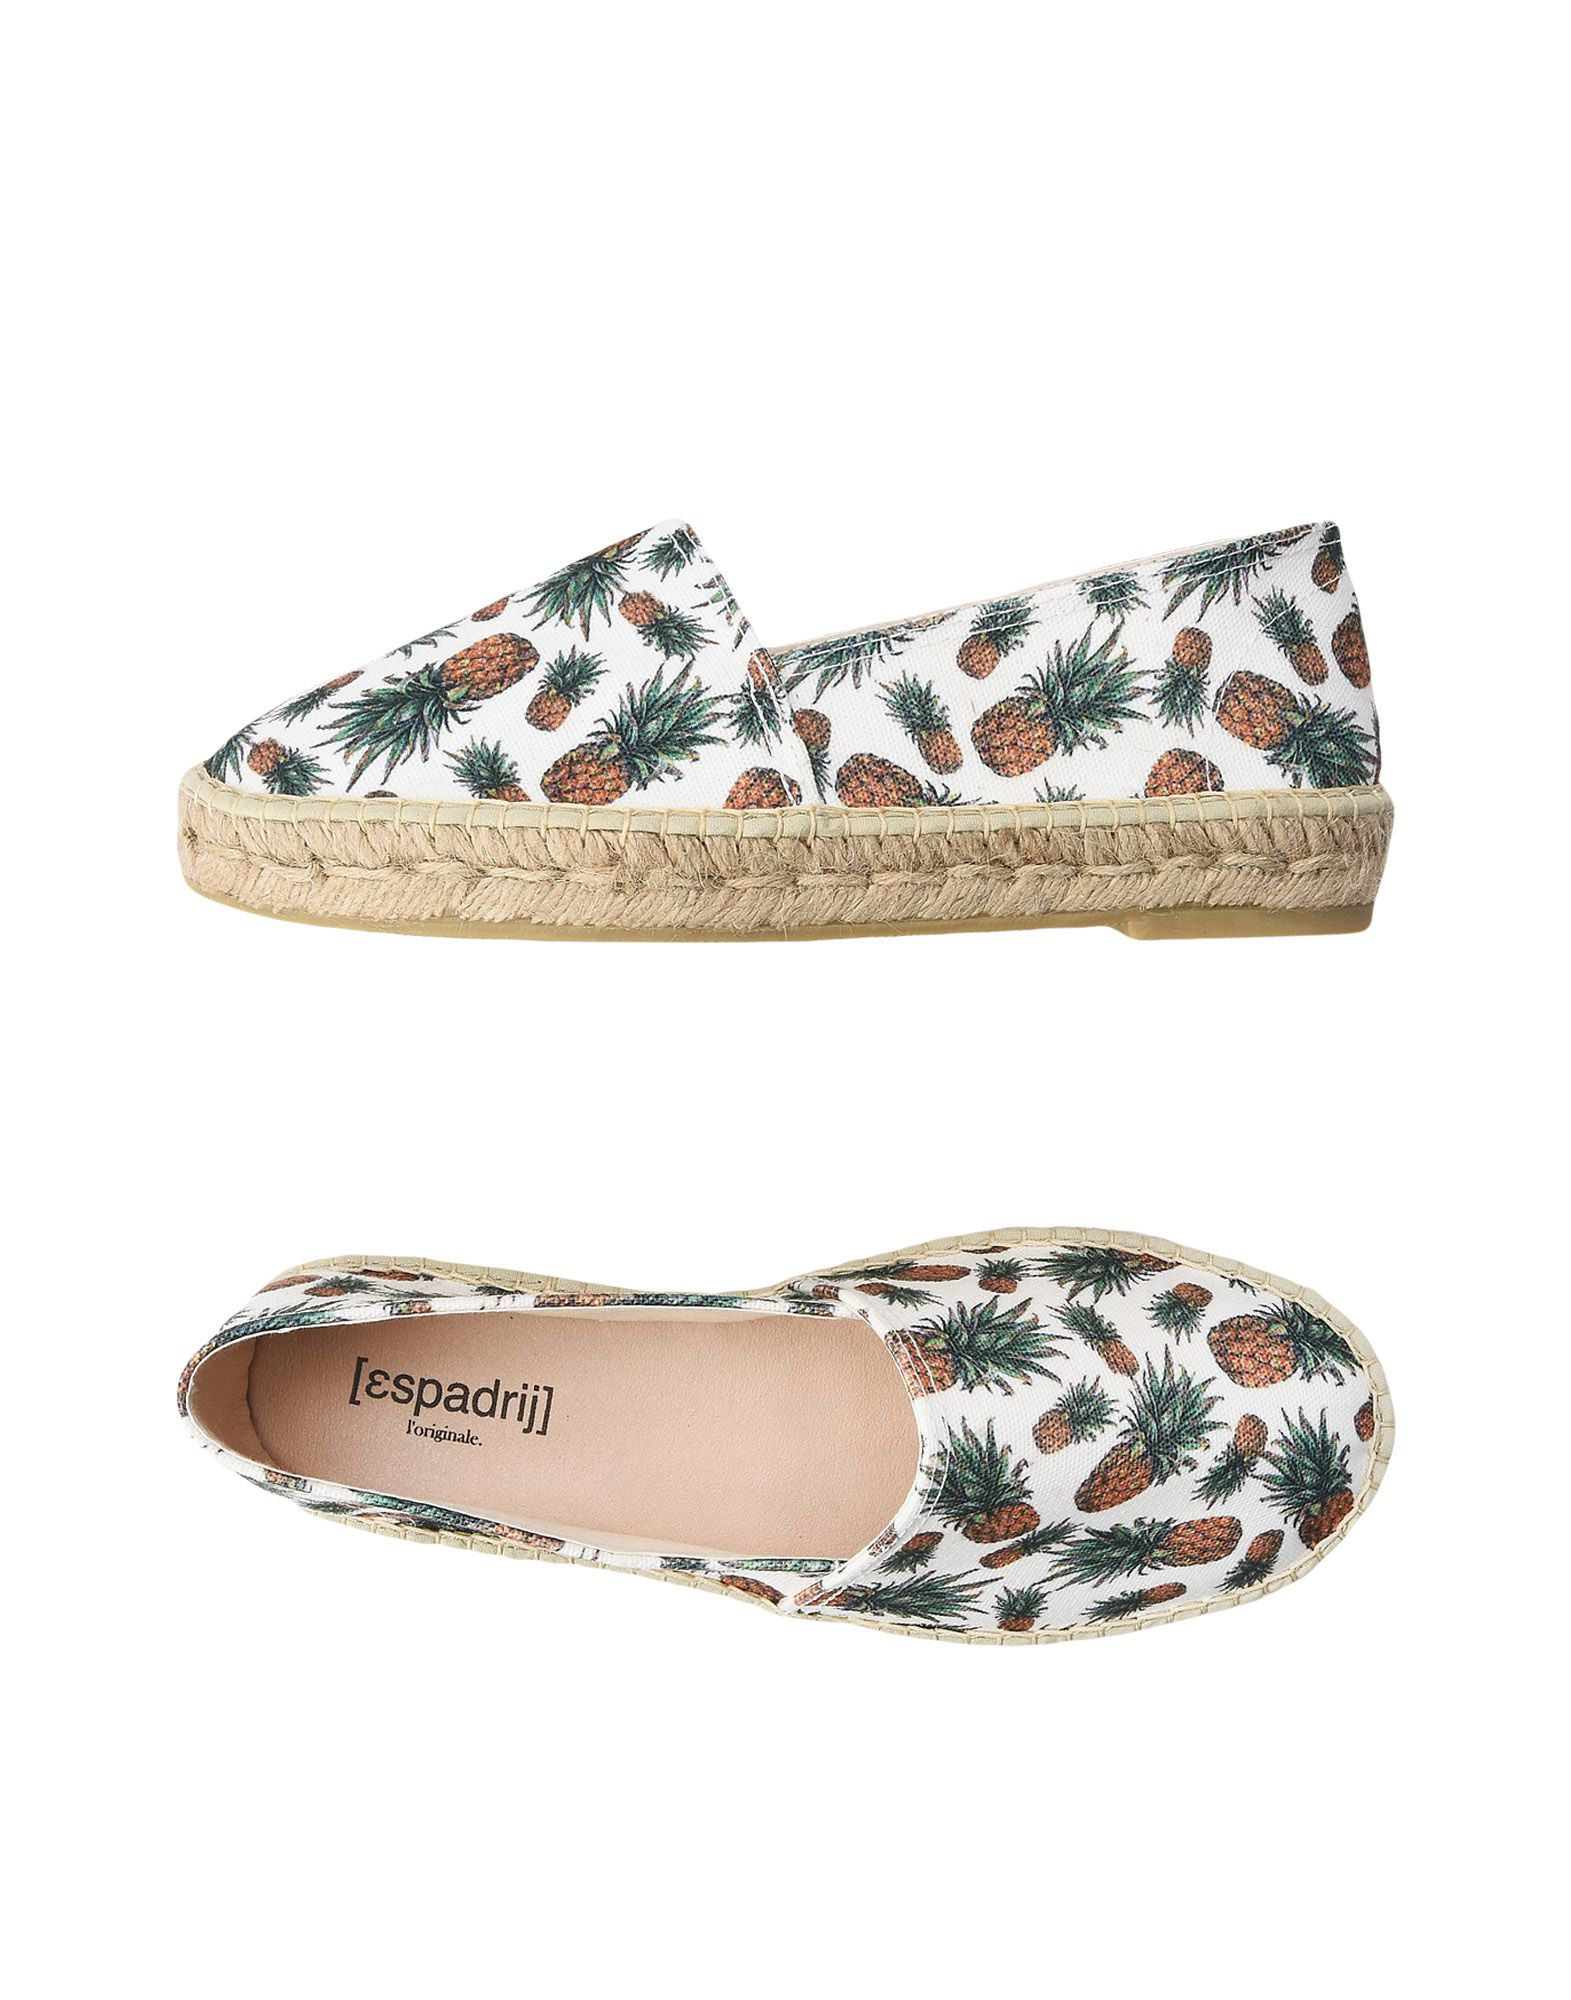 [Espadrij] Classic Fruits  11248959TR Gute Qualität beliebte Schuhe